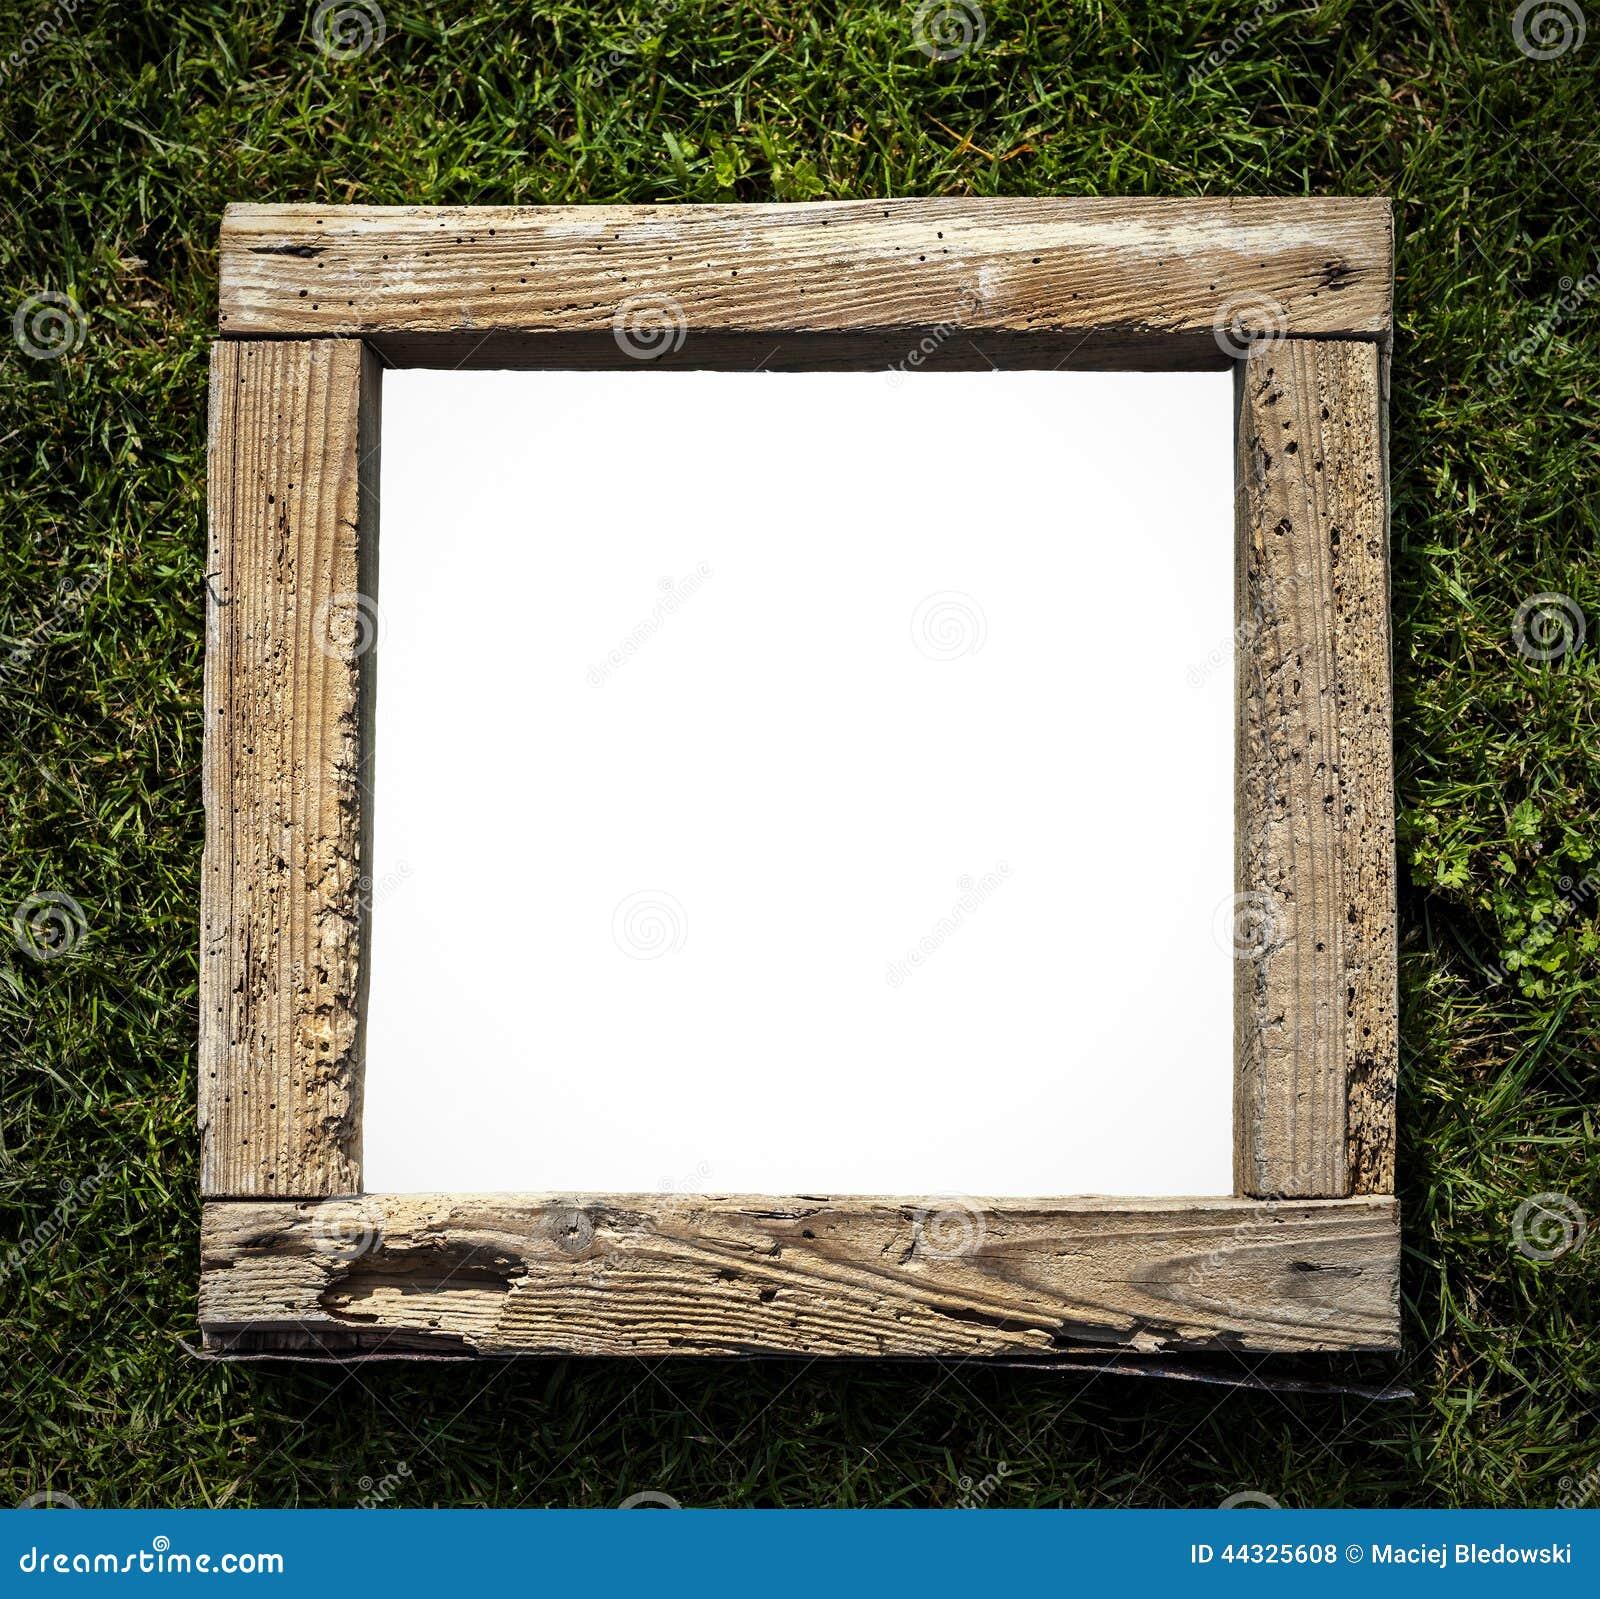 Marco de madera del viejo grunge r stico en la hierba - Transferir fotos a madera ...